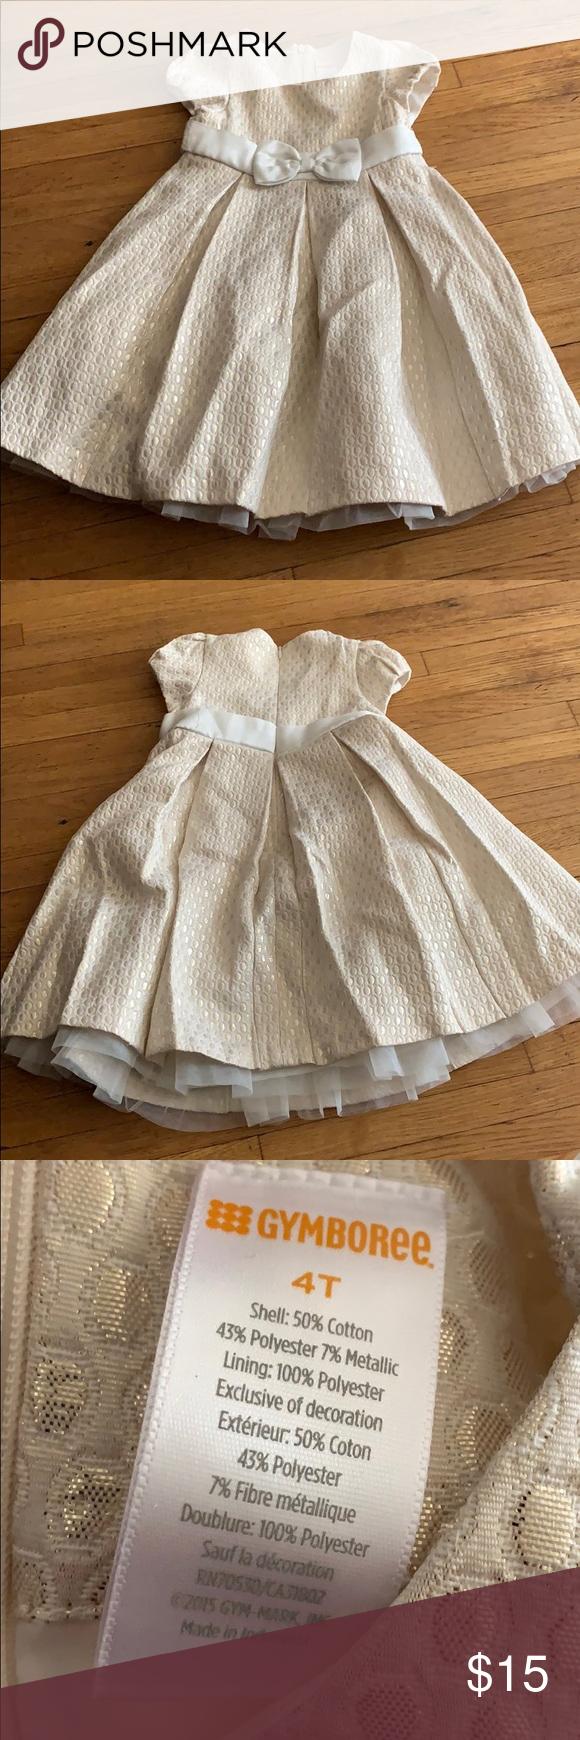 Gymboree Dress 4t White Gold Gymboree Dresses 4t Dress Dresses [ 1740 x 580 Pixel ]